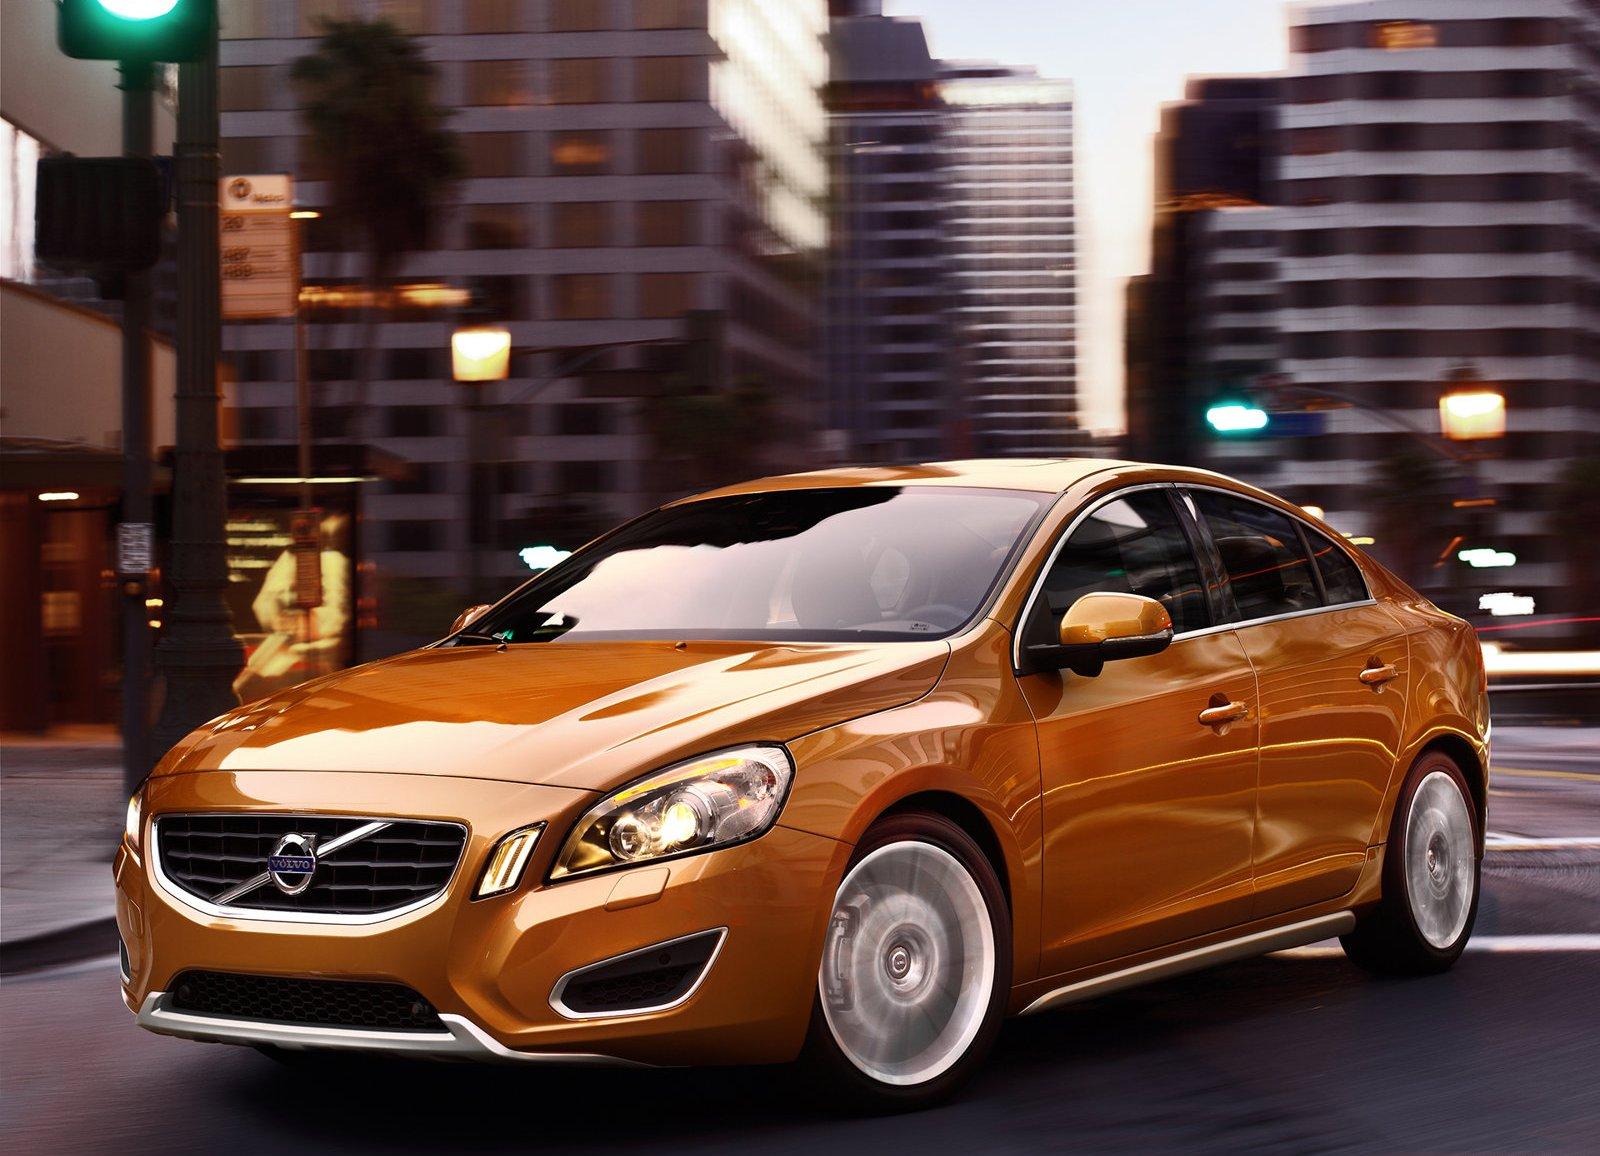 http://1.bp.blogspot.com/-d7tl-HrIR54/ThHuBZUxkDI/AAAAAAAAA_I/rHWca_4drHA/s1600/Volvo-S60_2011_1600x1200_wallpaper_05.jpg